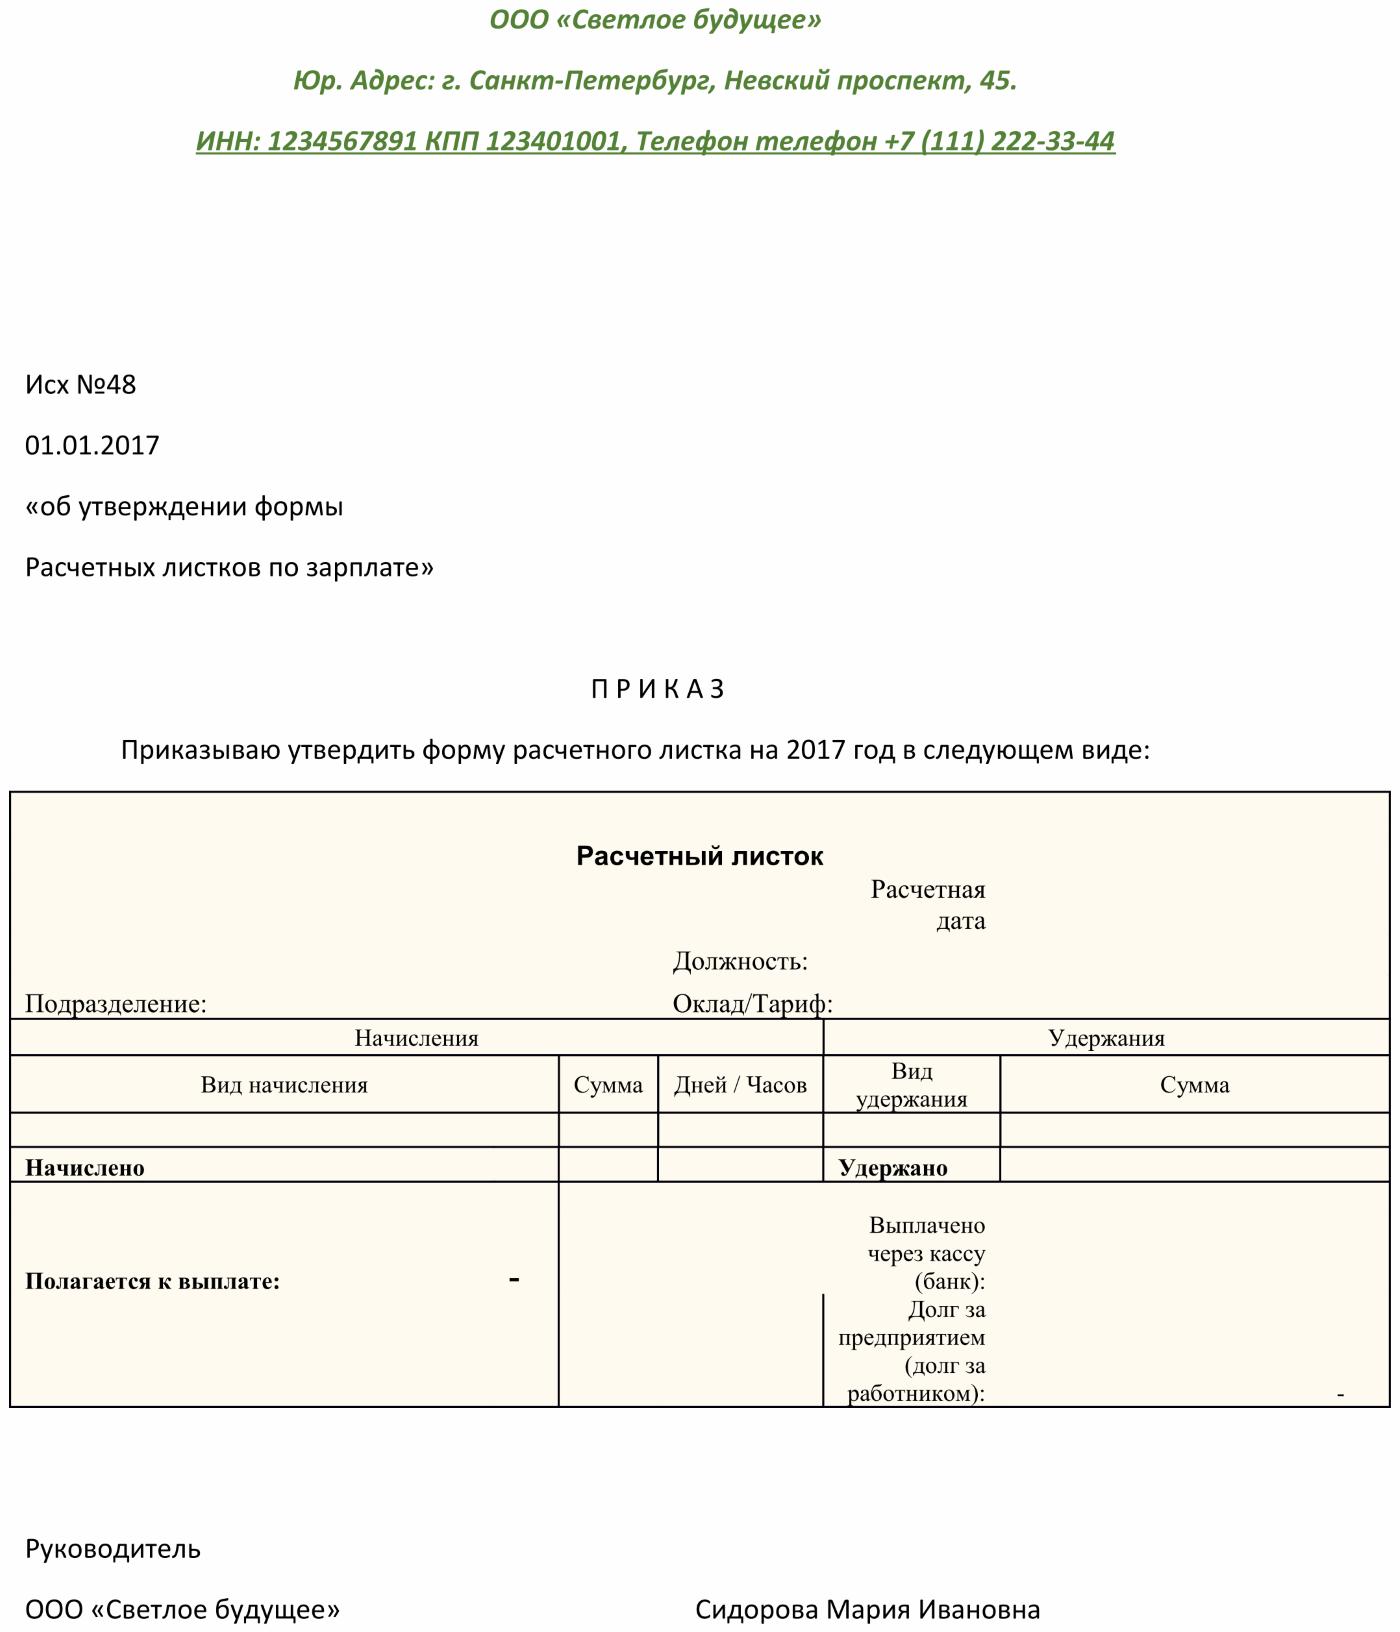 Изображение - Расчетный лист образец prikaz-ob-utverzhdenii-formy-01-13